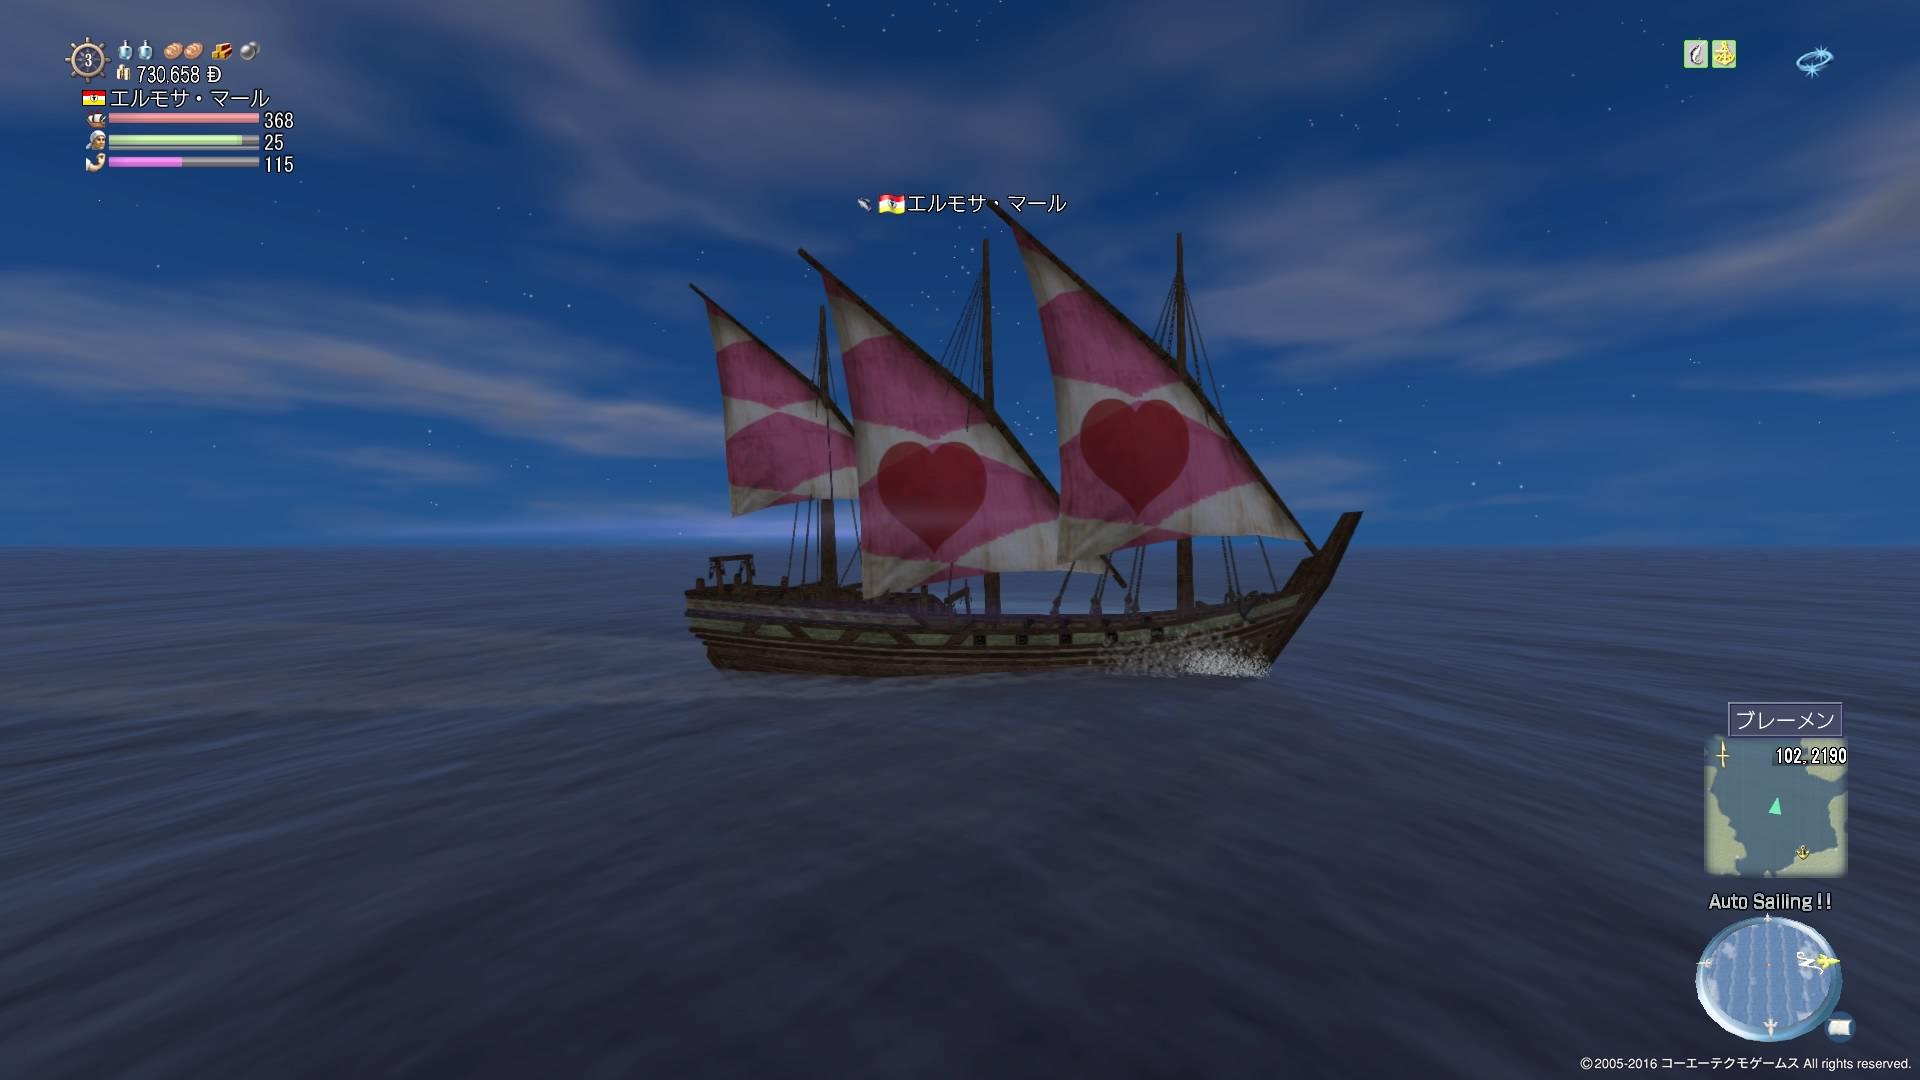 大航海時代 Online_138